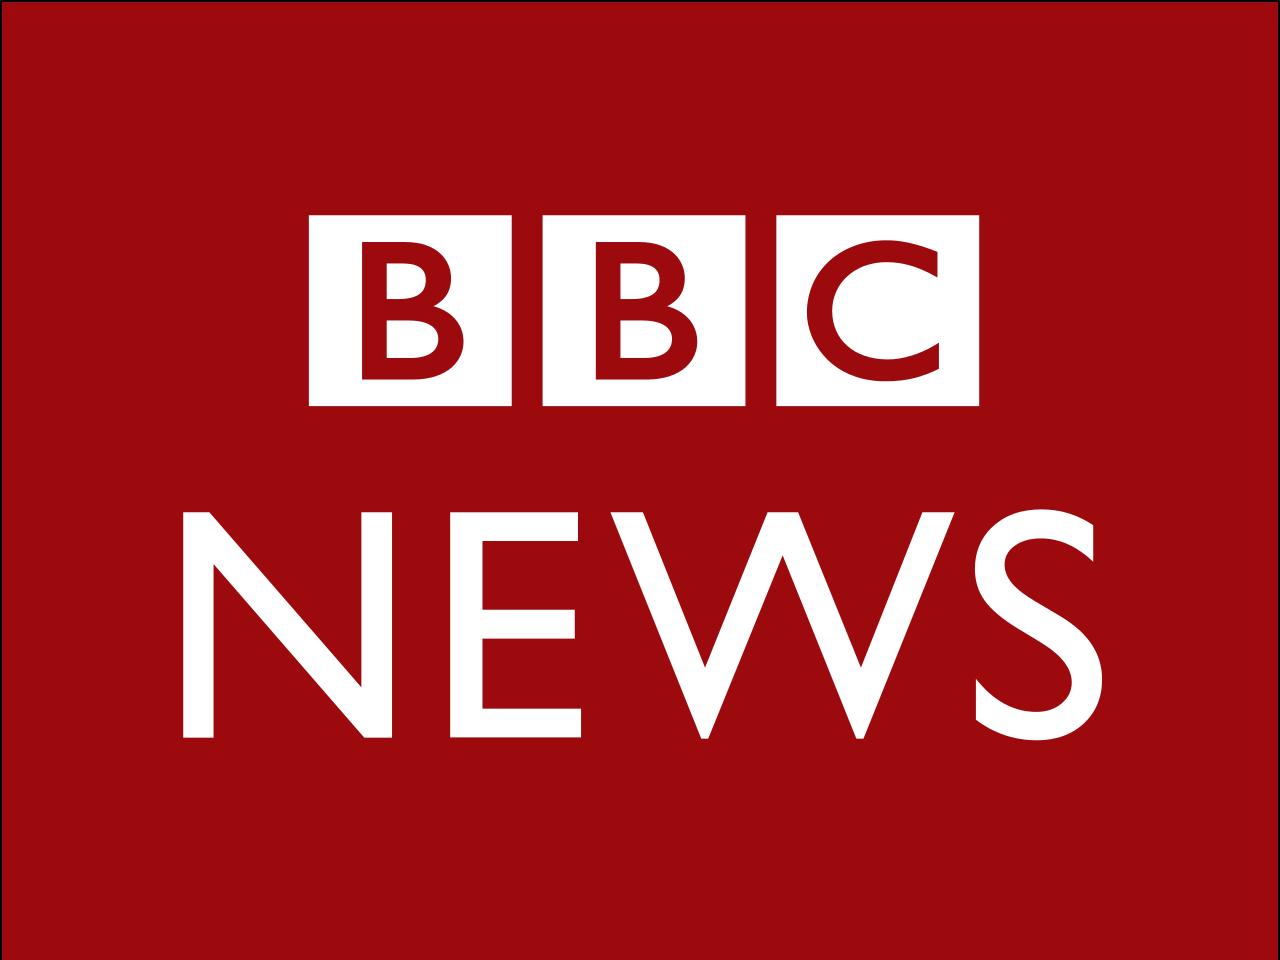 Επική γκάφα του BBC: Ζήτησε καλεσμένο που... πέθανε πριν δύο χρόνια